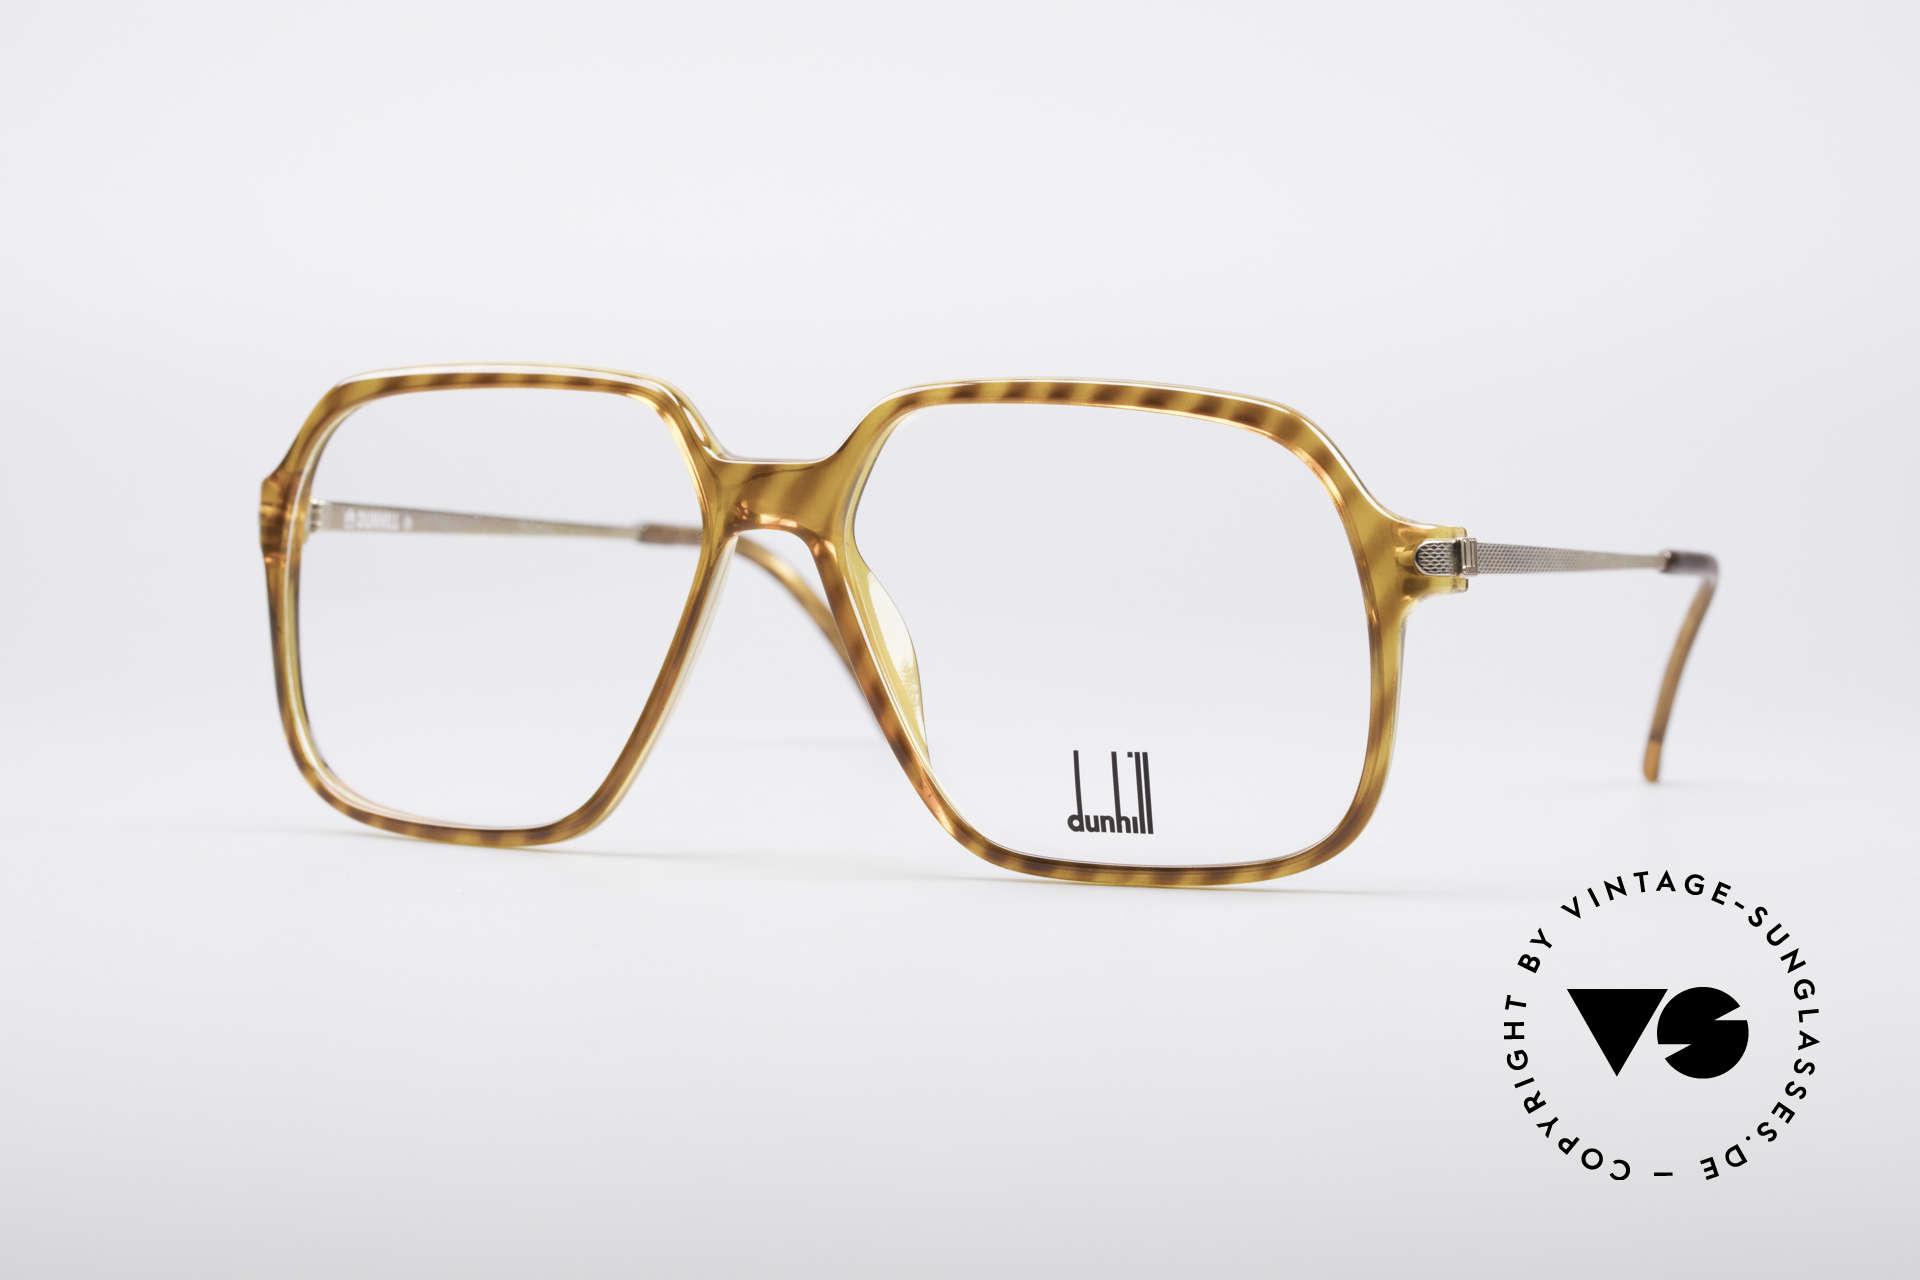 Dunhill 6108 Jay Z Hip Hop Vintage Frame, large vintage designer eyeglasses by Alfred Dunhill, Made for Men